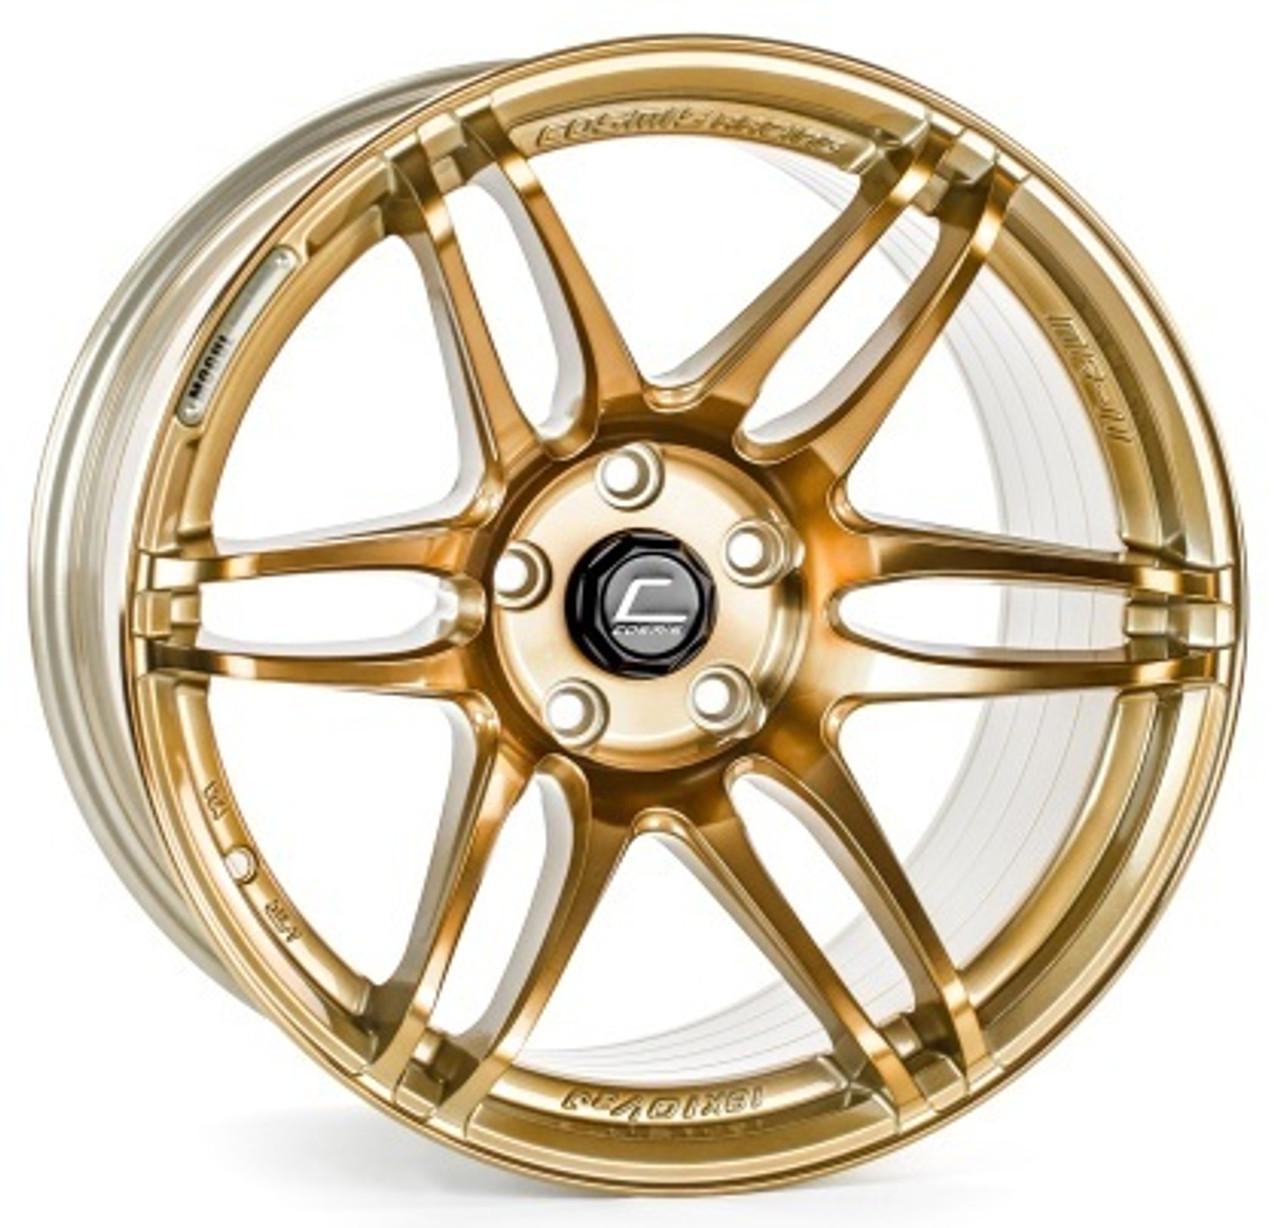 MRII Wheels